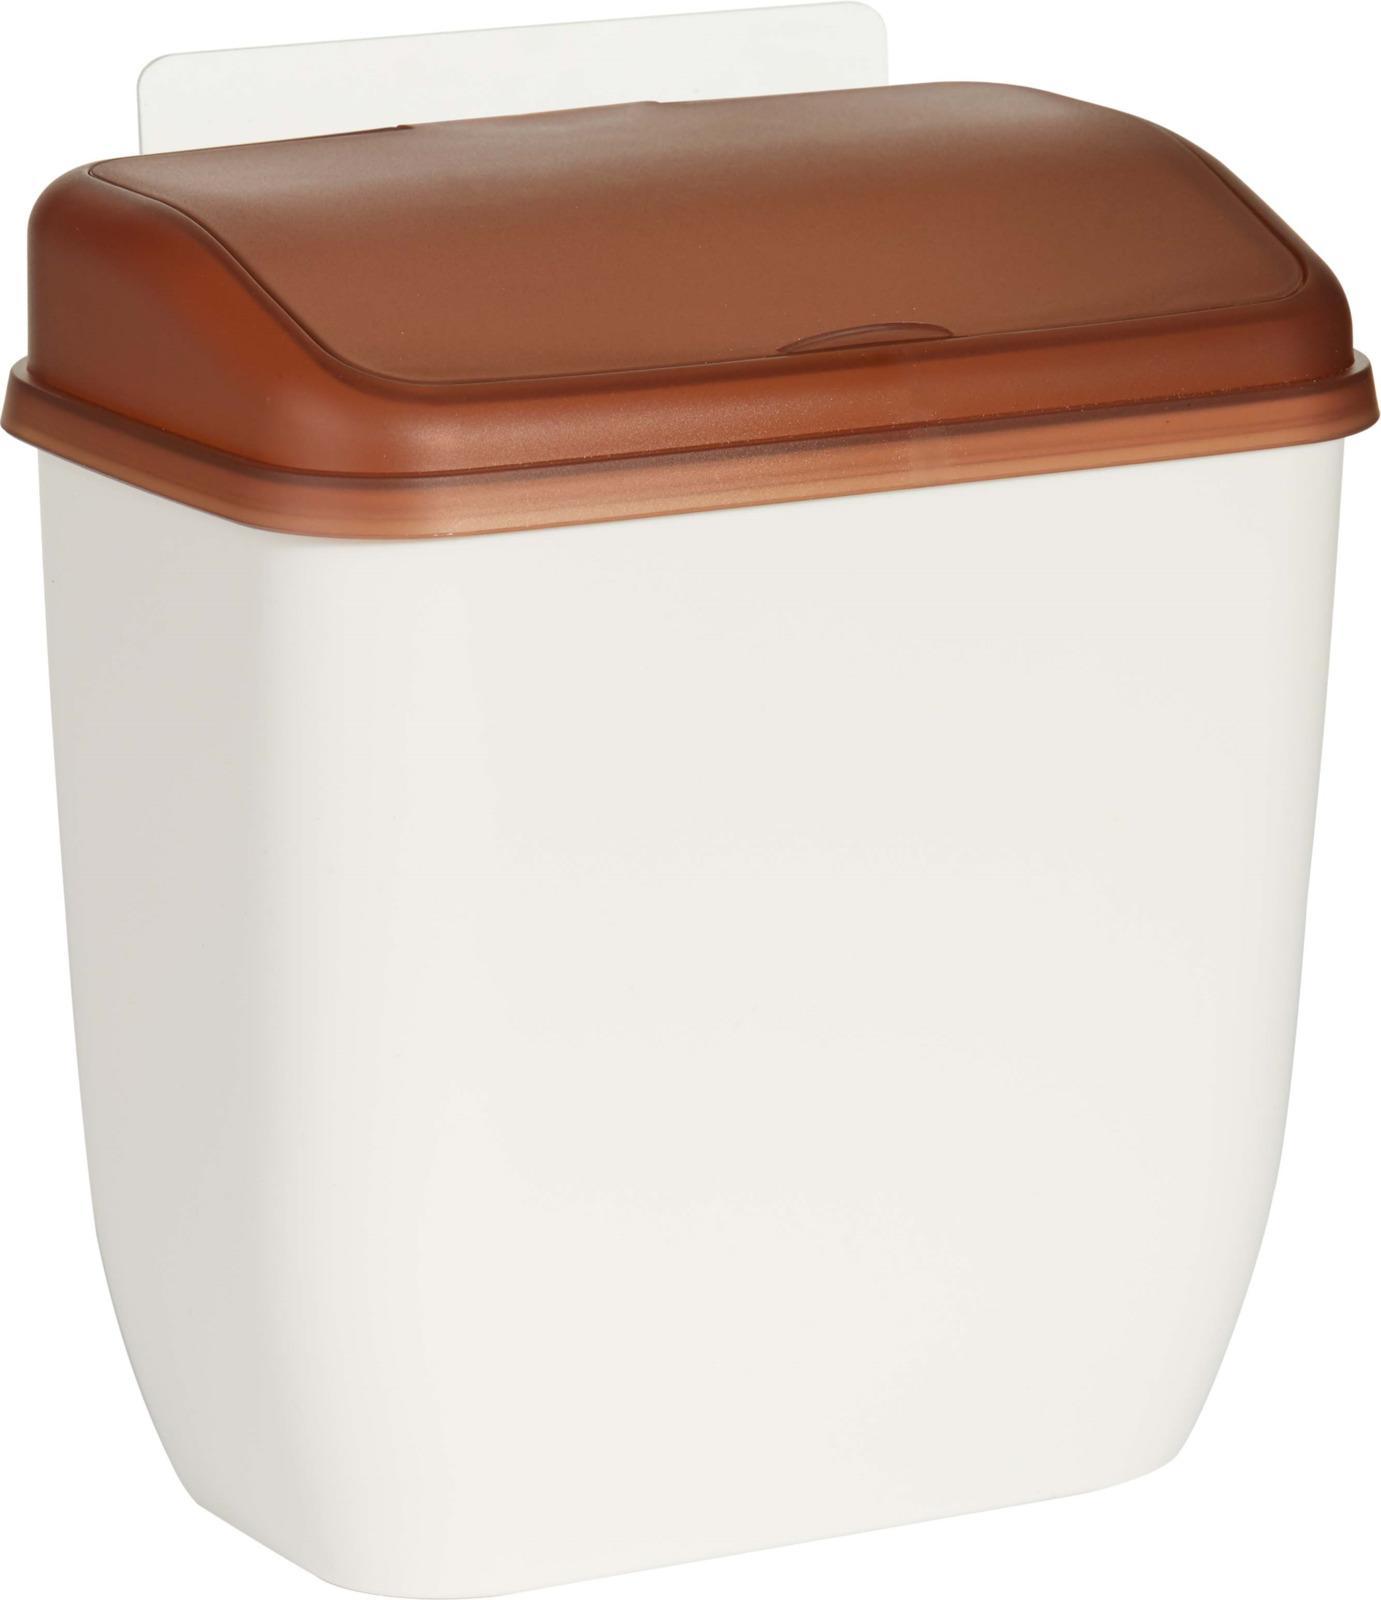 Контейнер косметический Kleber Home, kle-hm033, слоновая кость стоимость